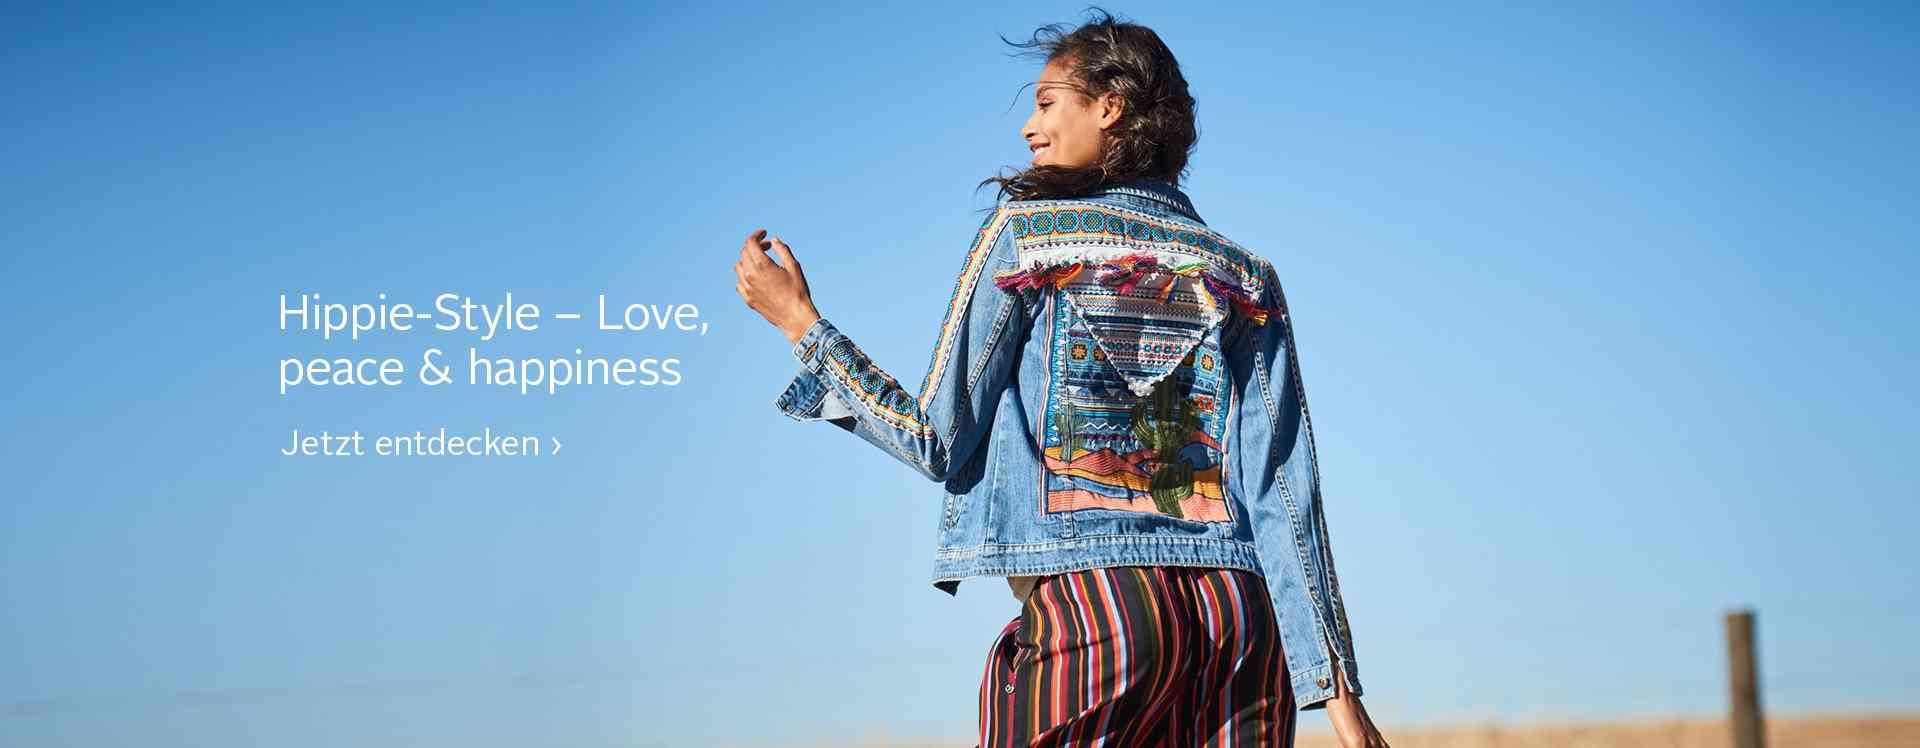 Modetrend Hippie Style